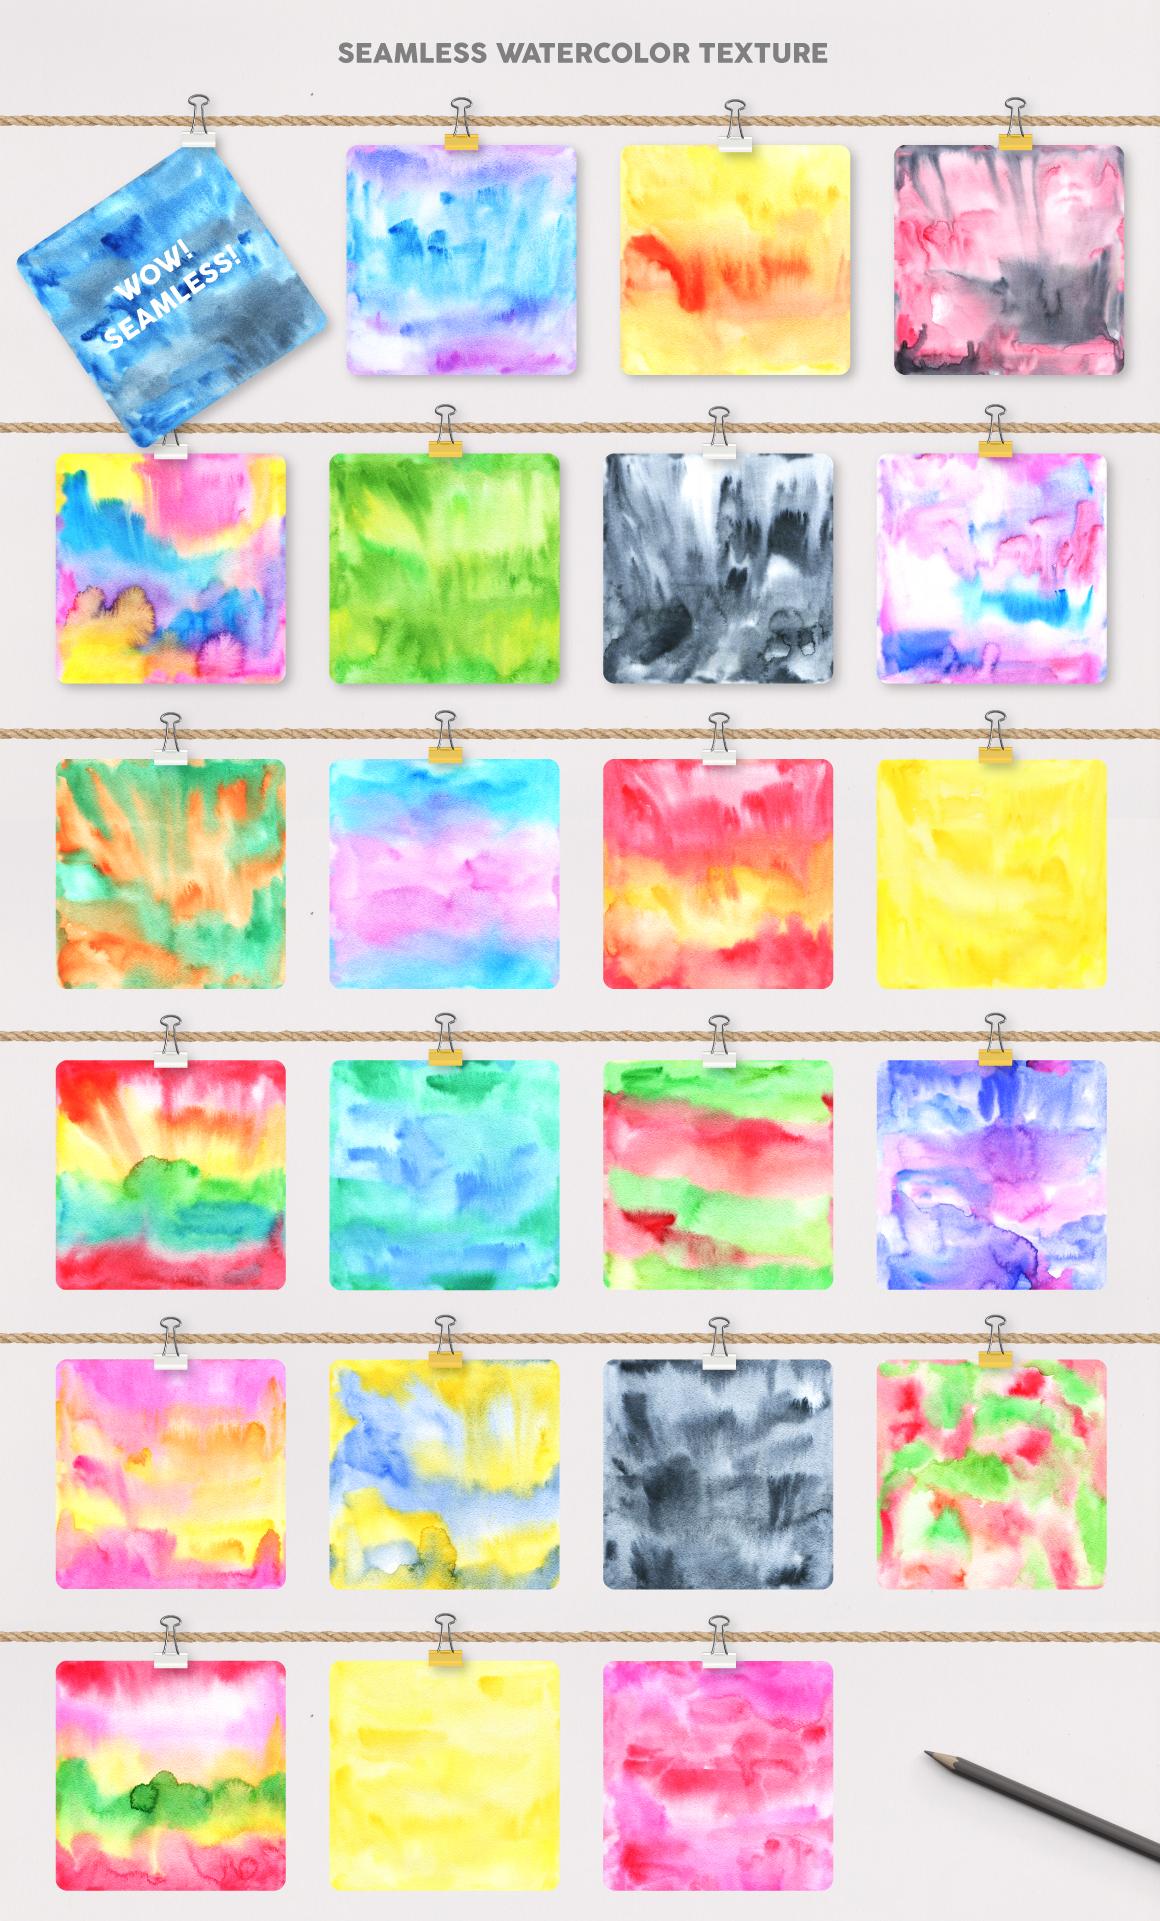 手绘水彩无缝隙图案纹理矢量素材 Watercolor Pattern Creator插图(2)